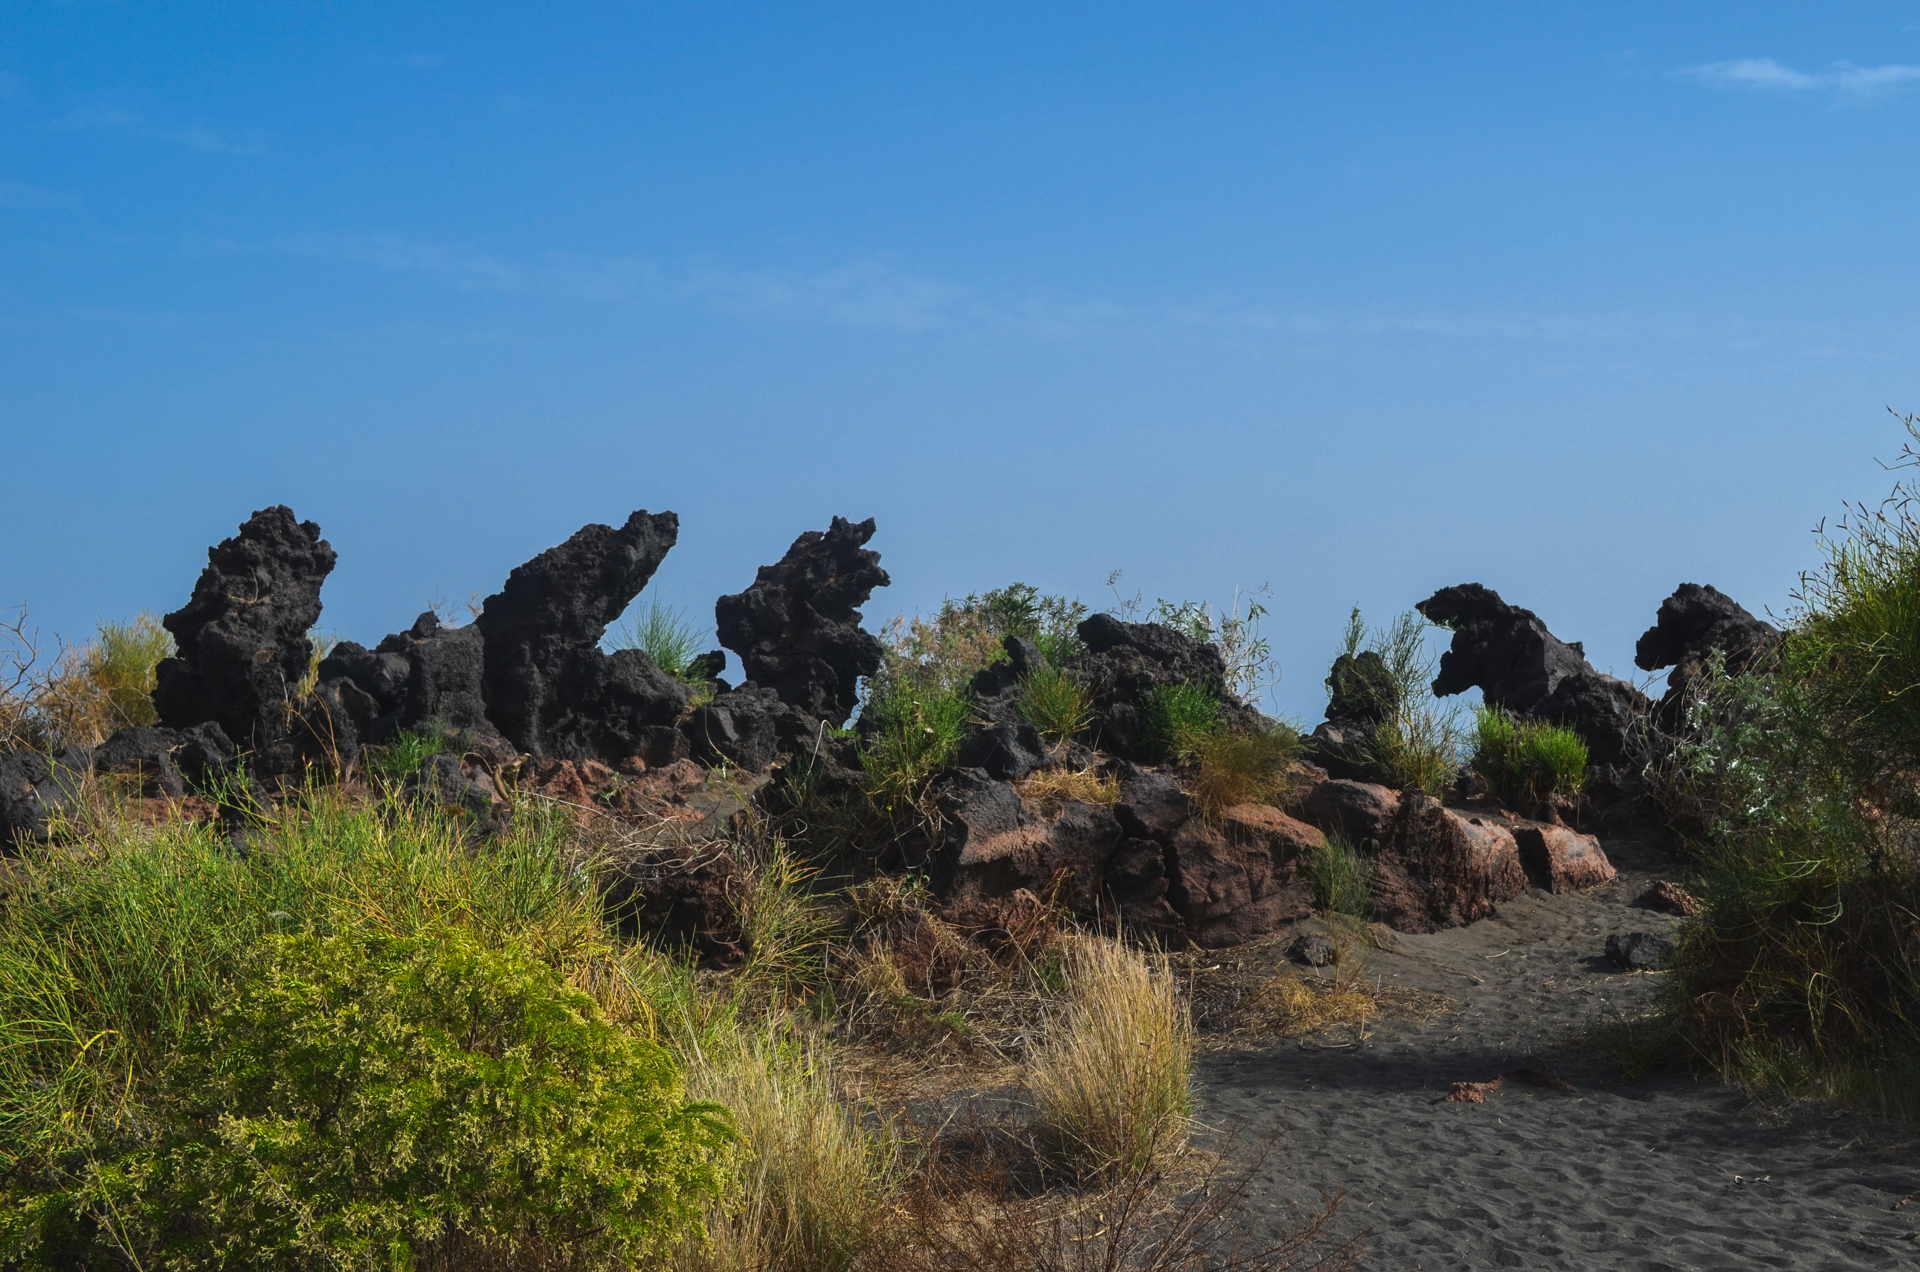 vulcano, vulcano travel, what to do on vulcano, travel blog vulcano, backpacking vulcano, monsters of vulcano, aeolian islands travel guide, Valle dei Mostri, Valle dei Mostri hike, hiking vulcano